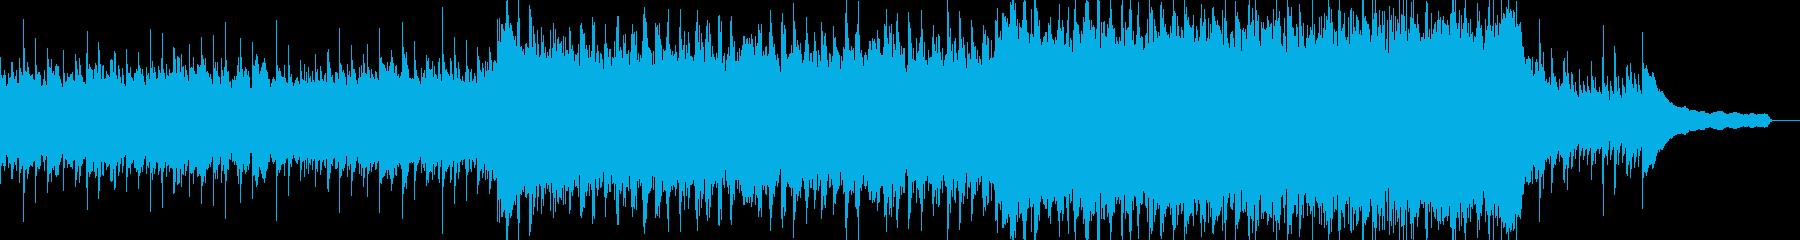 企業VPや映像42、壮大、オーケストラbの再生済みの波形